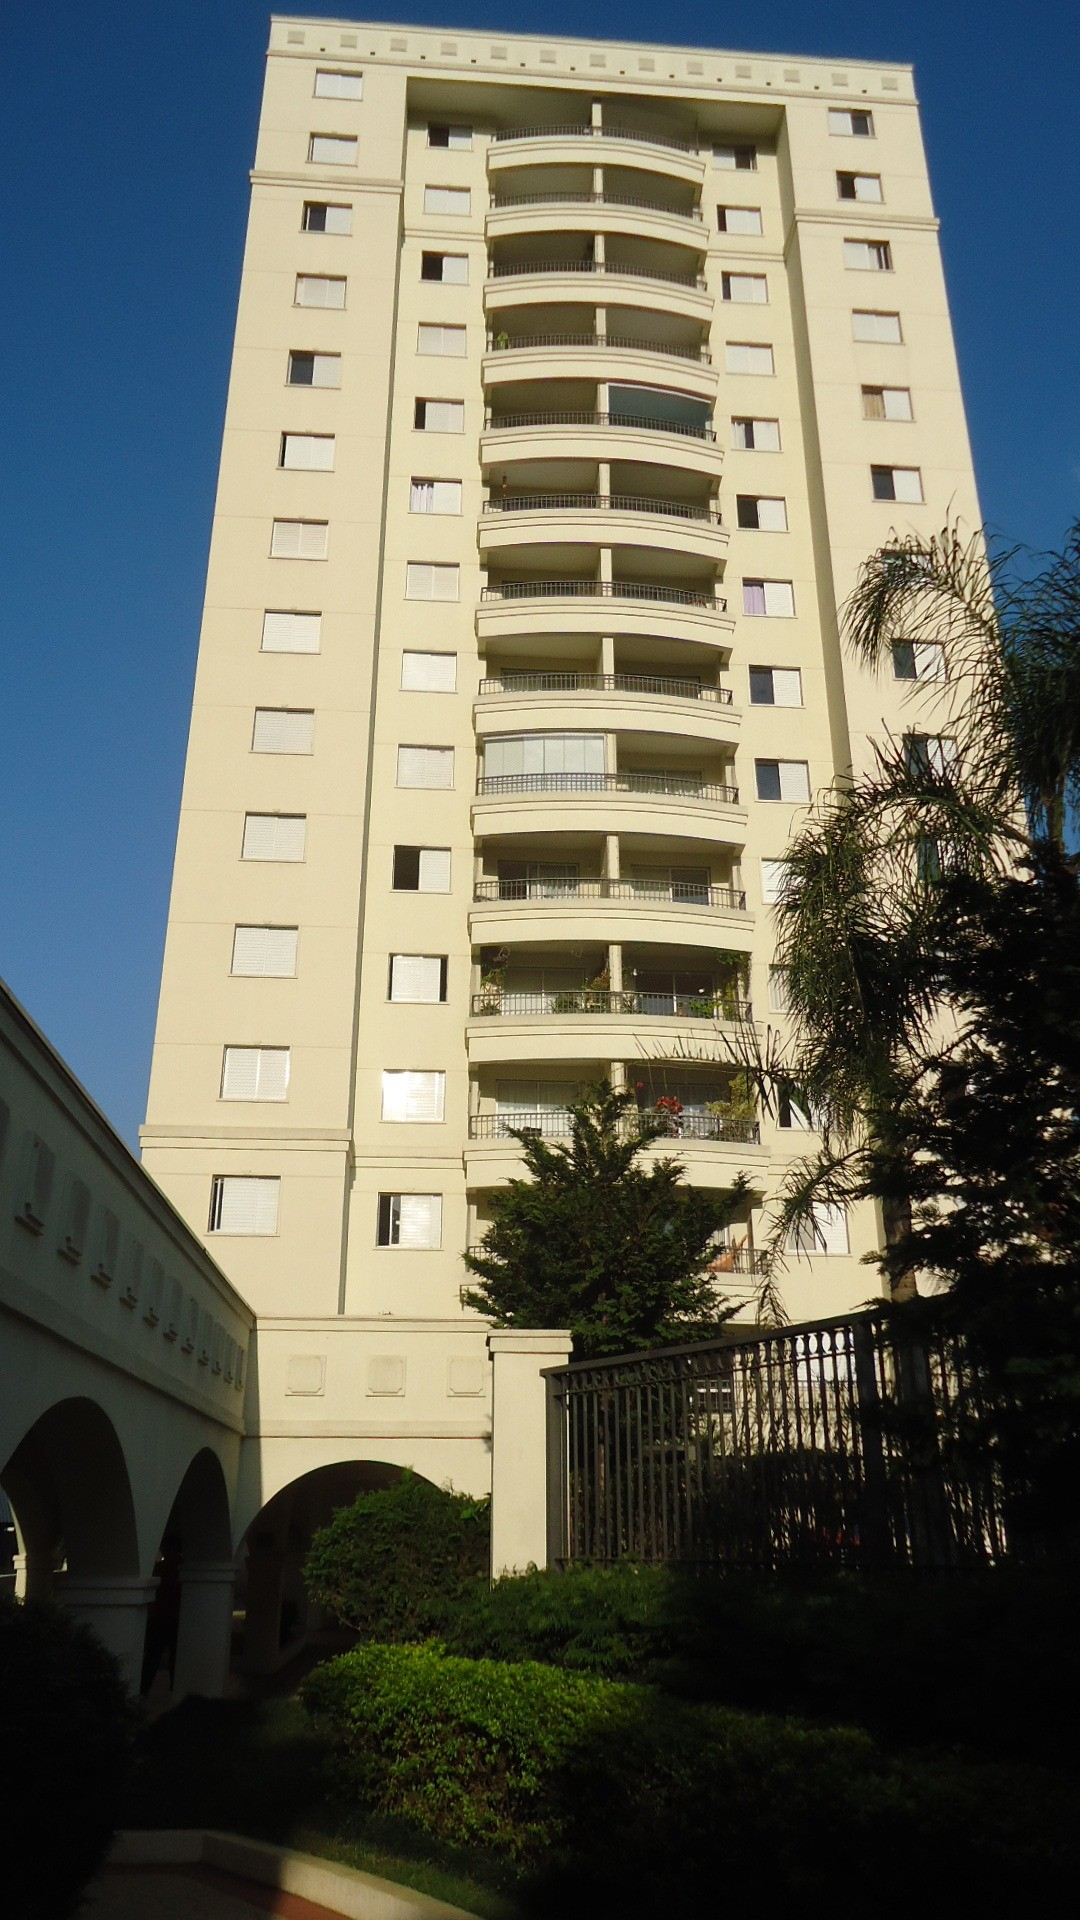 comprar ou alugar apartamento no bairro jardim marajoara na cidade de sao paulo-sp